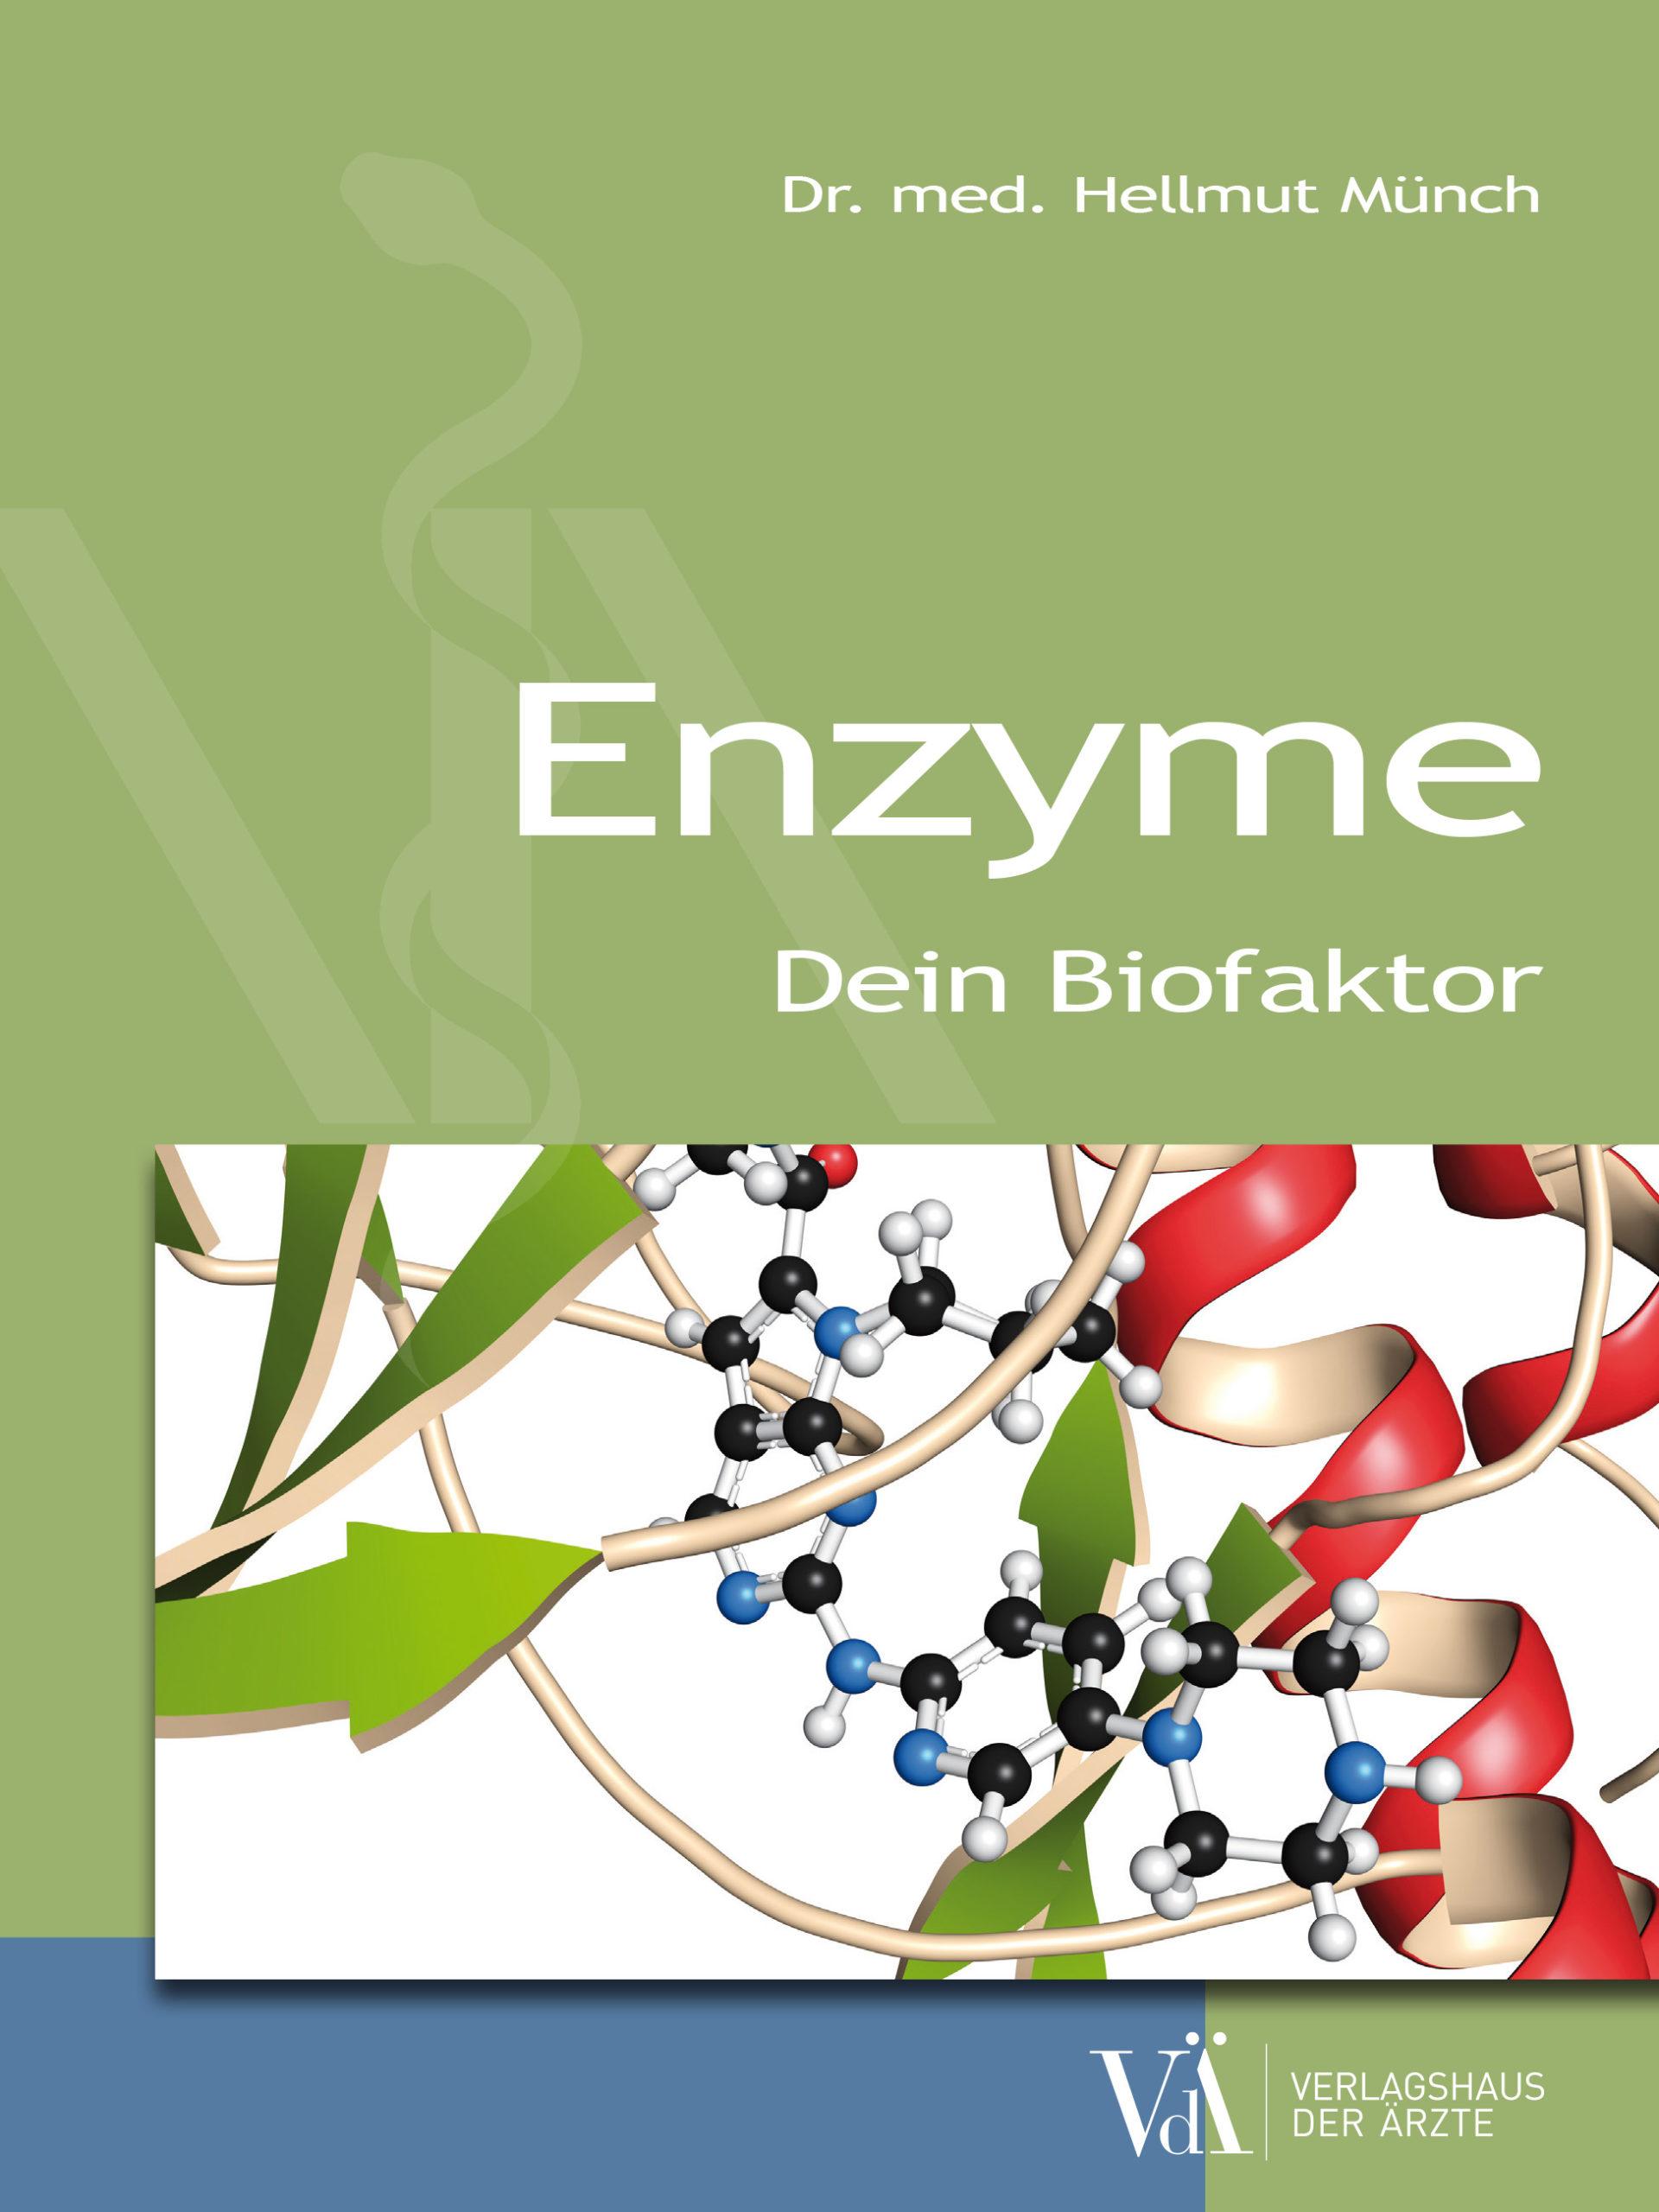 Buchtitel: Enzyme - Dein Biofaktor